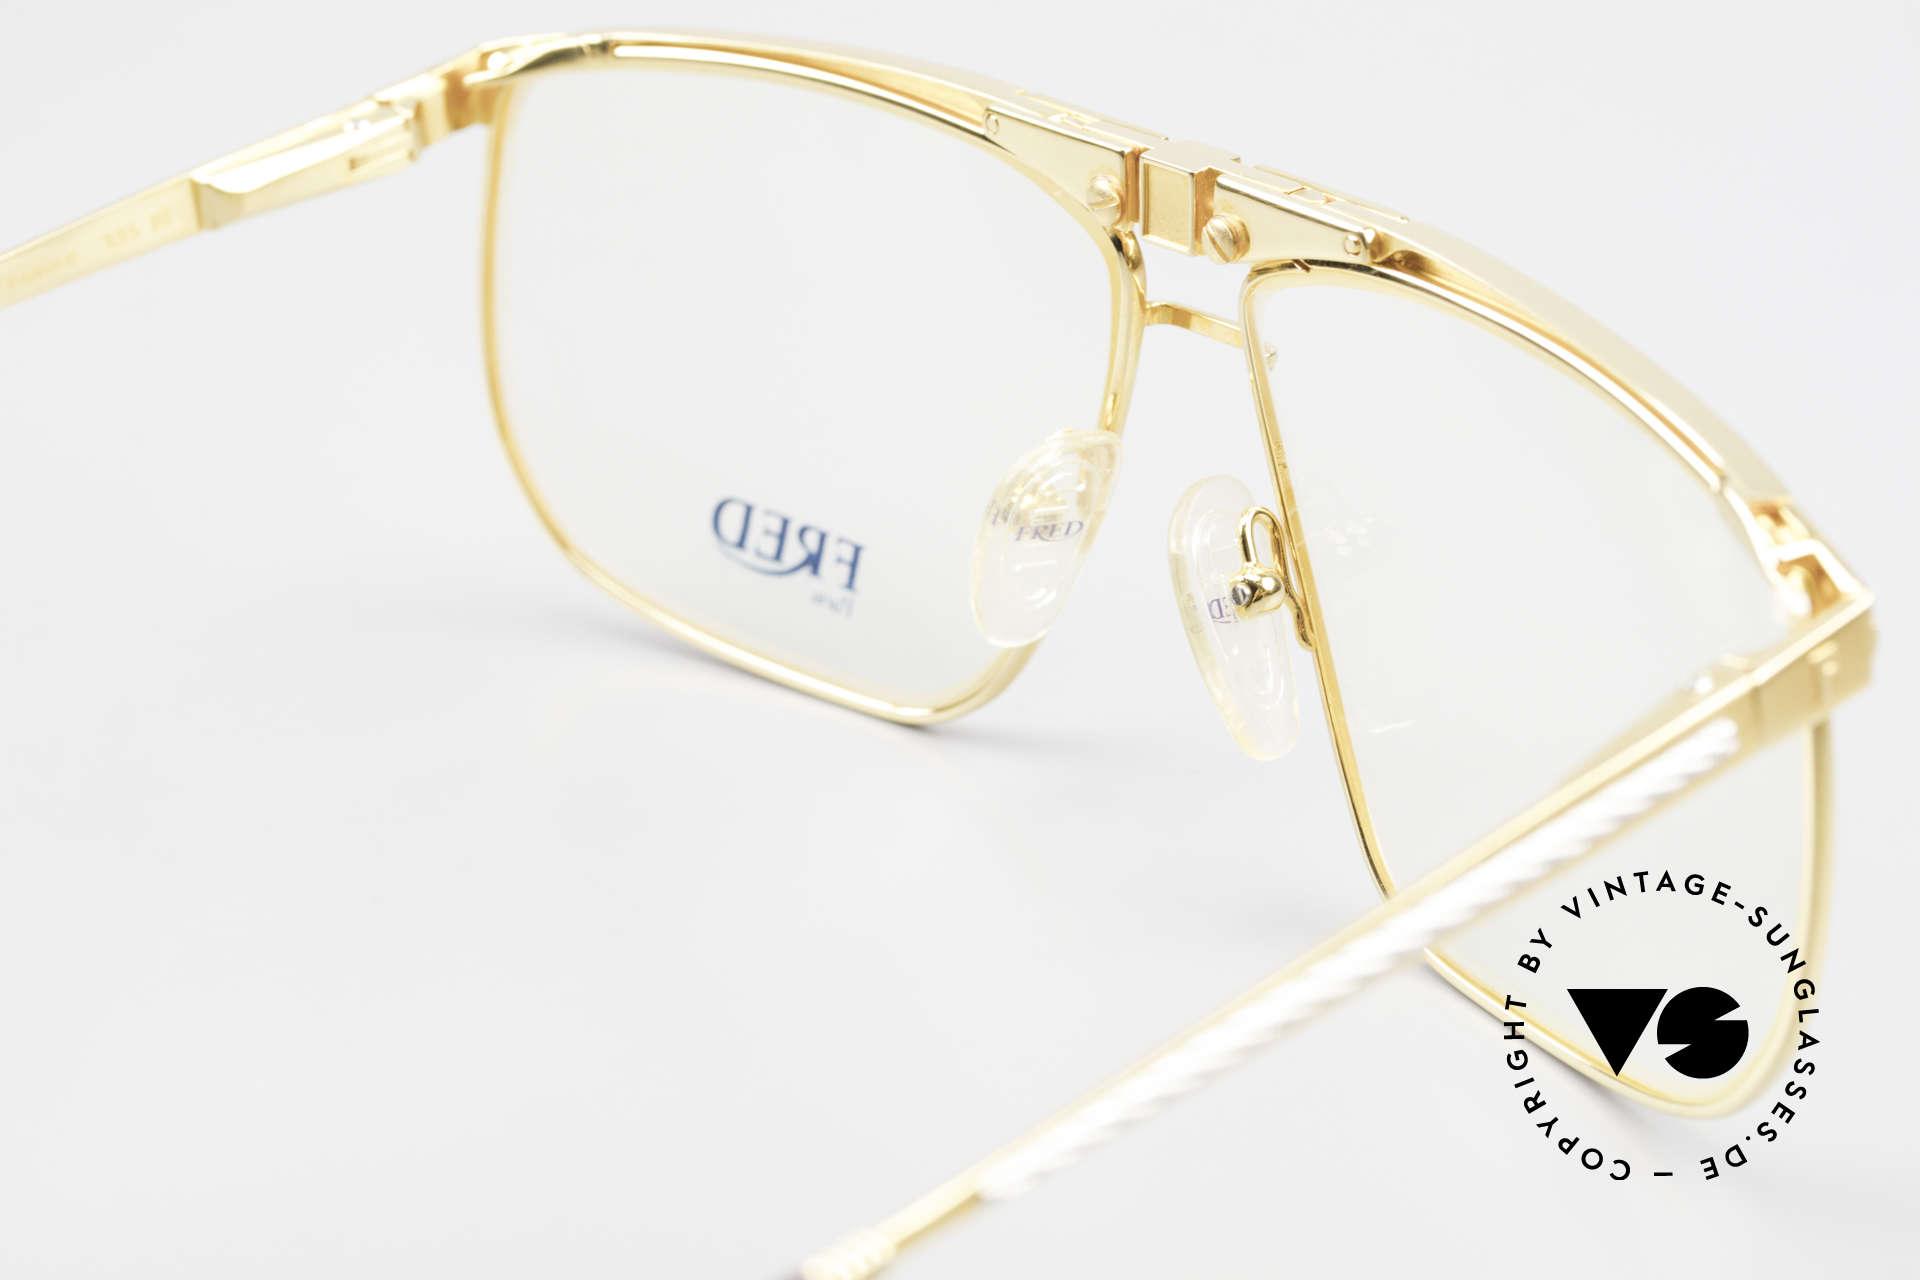 Fred Ocean Luxusbrille Herren Vergoldet, Lieferung in einer Fred Box und einem LONGINES Etui, Passend für Herren